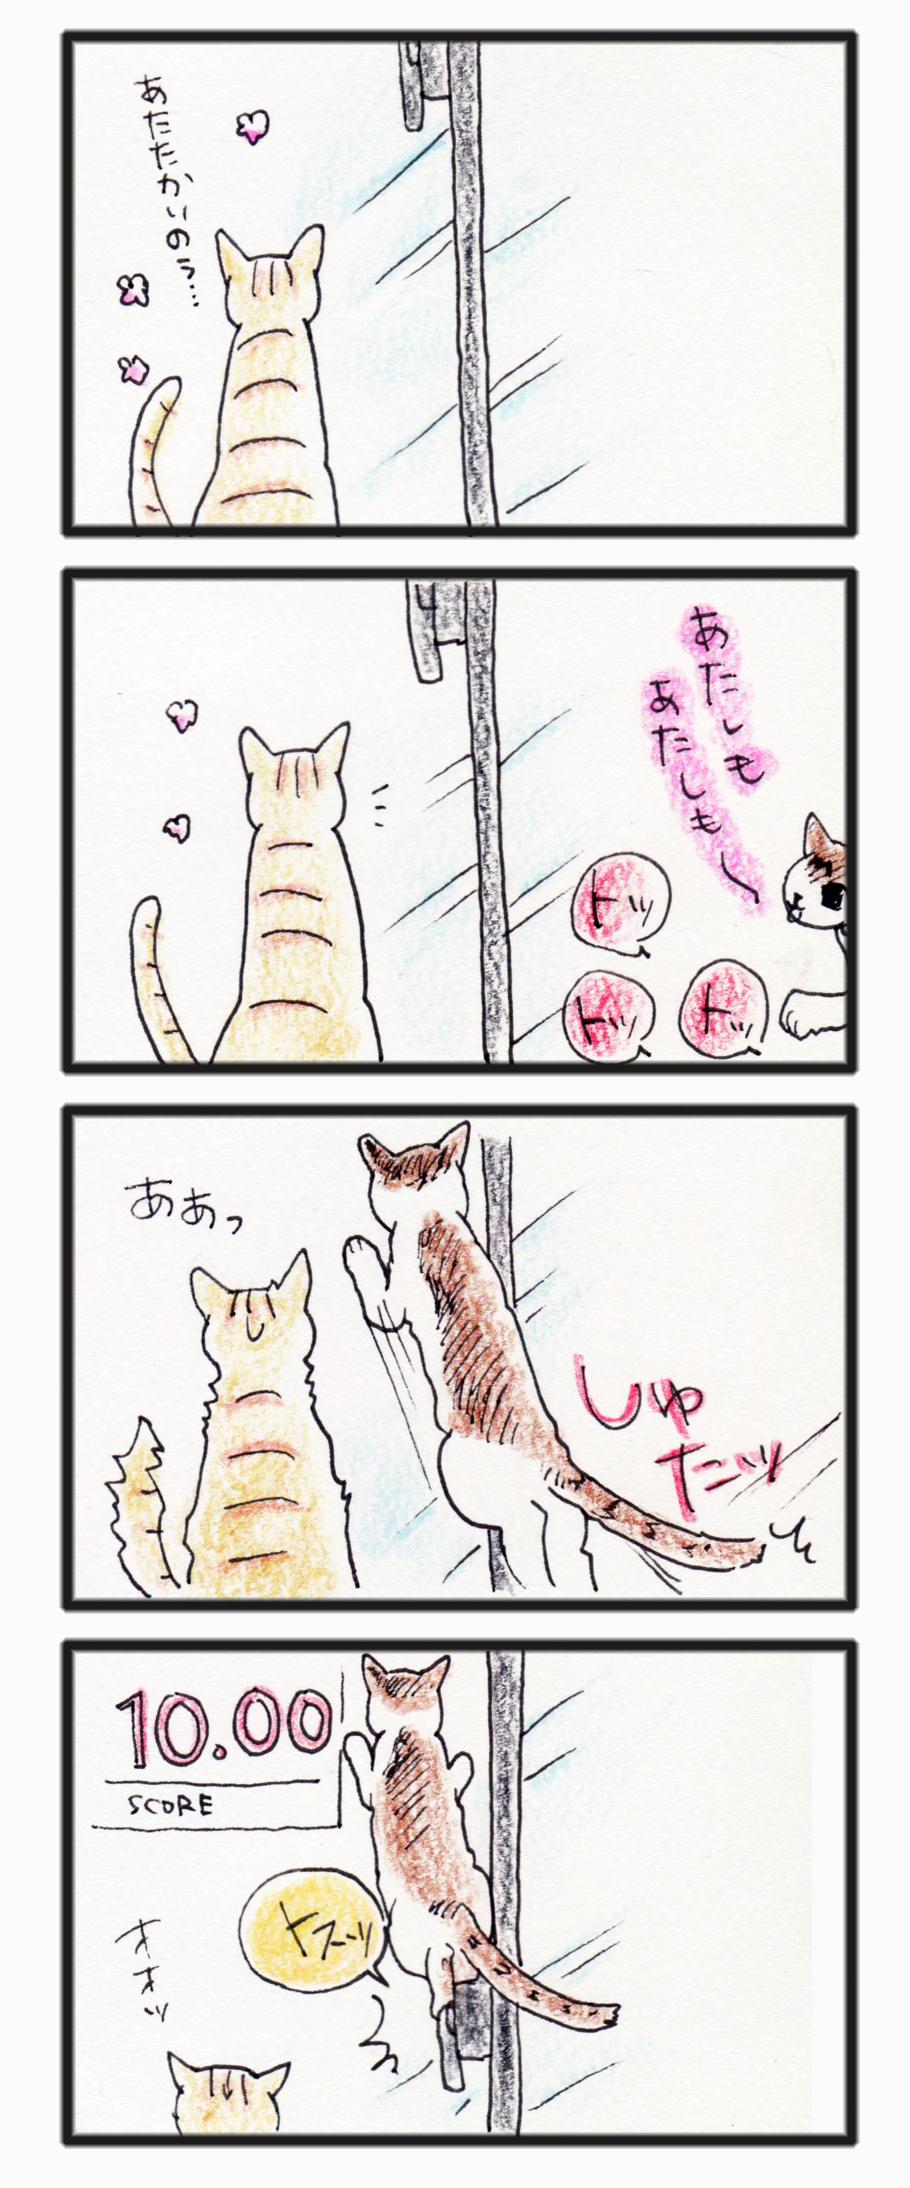 comic_4c_14040801.jpg